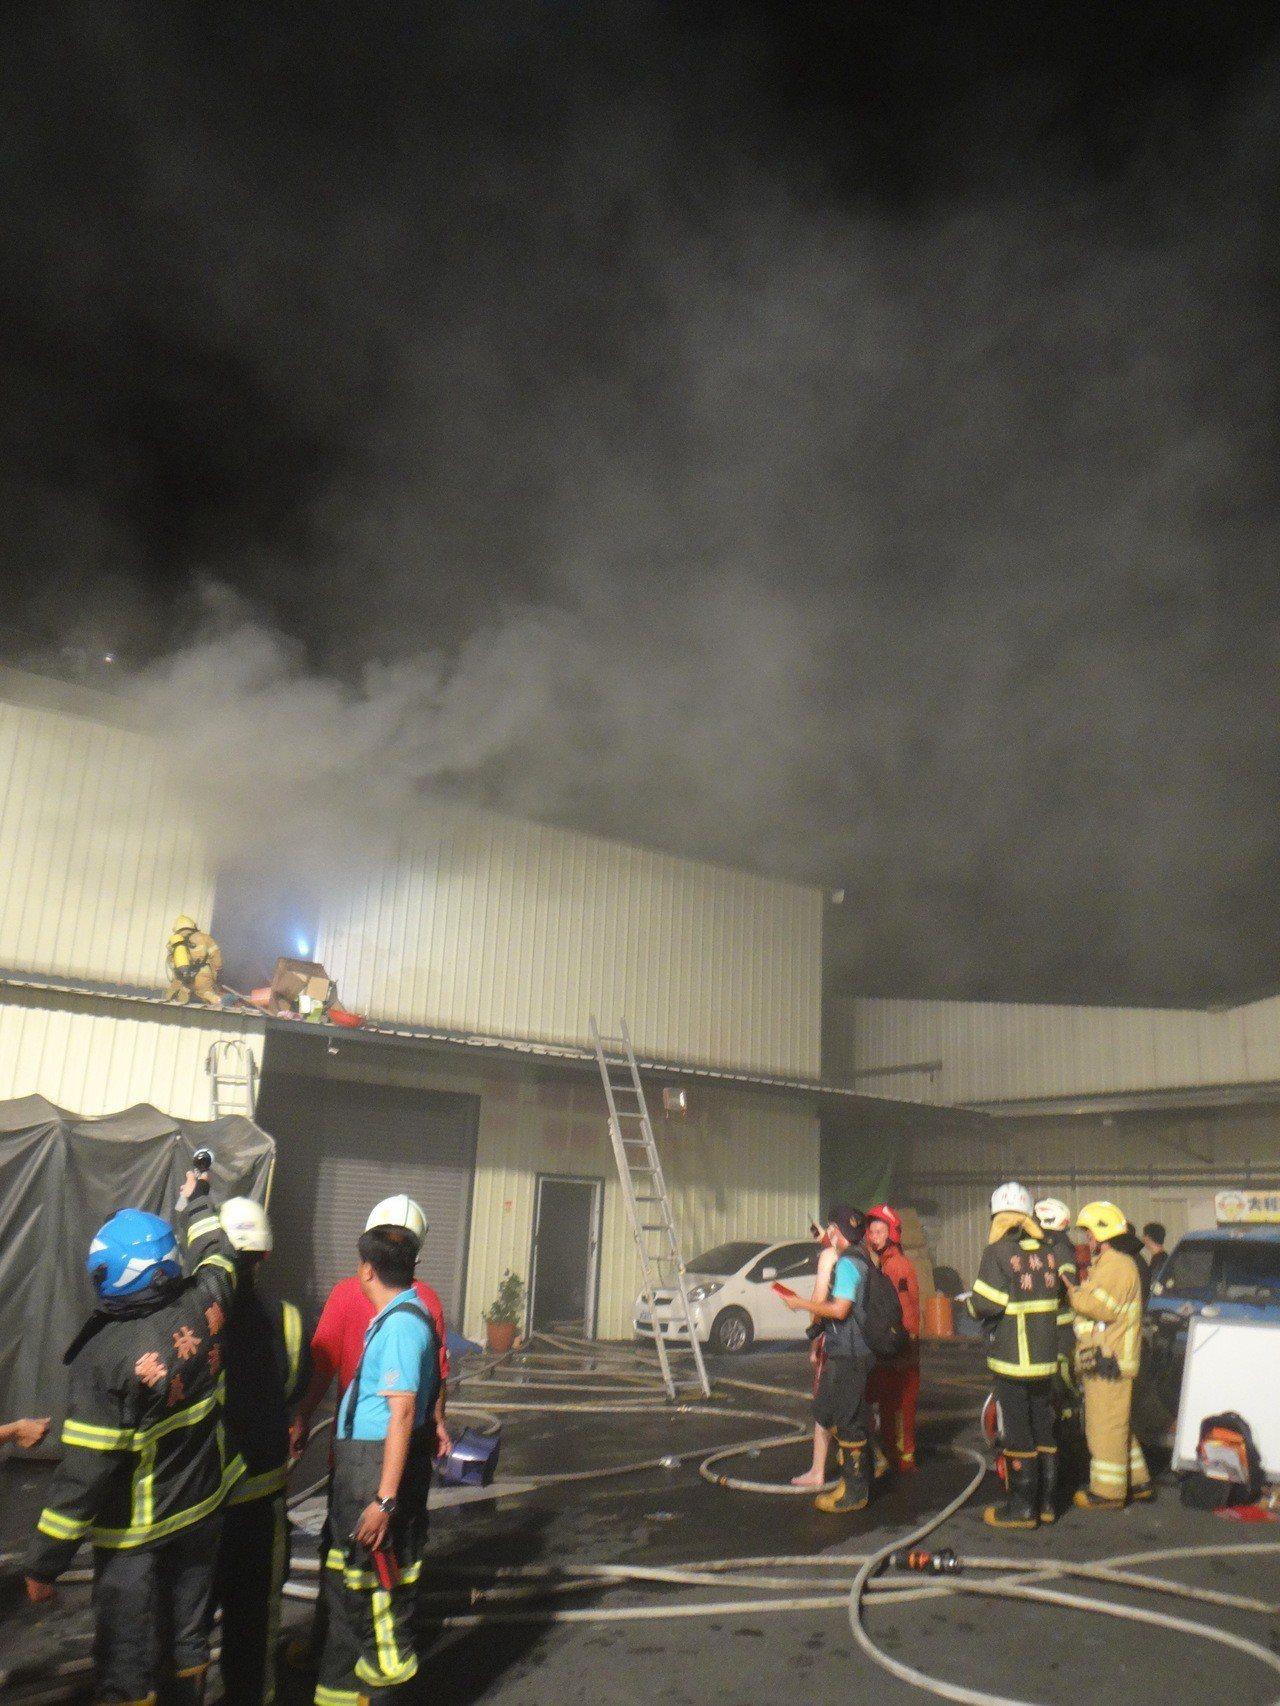 北港鬧區一家大賣場發生火警,消防隊全力搶救。記者蔡維斌/攝影